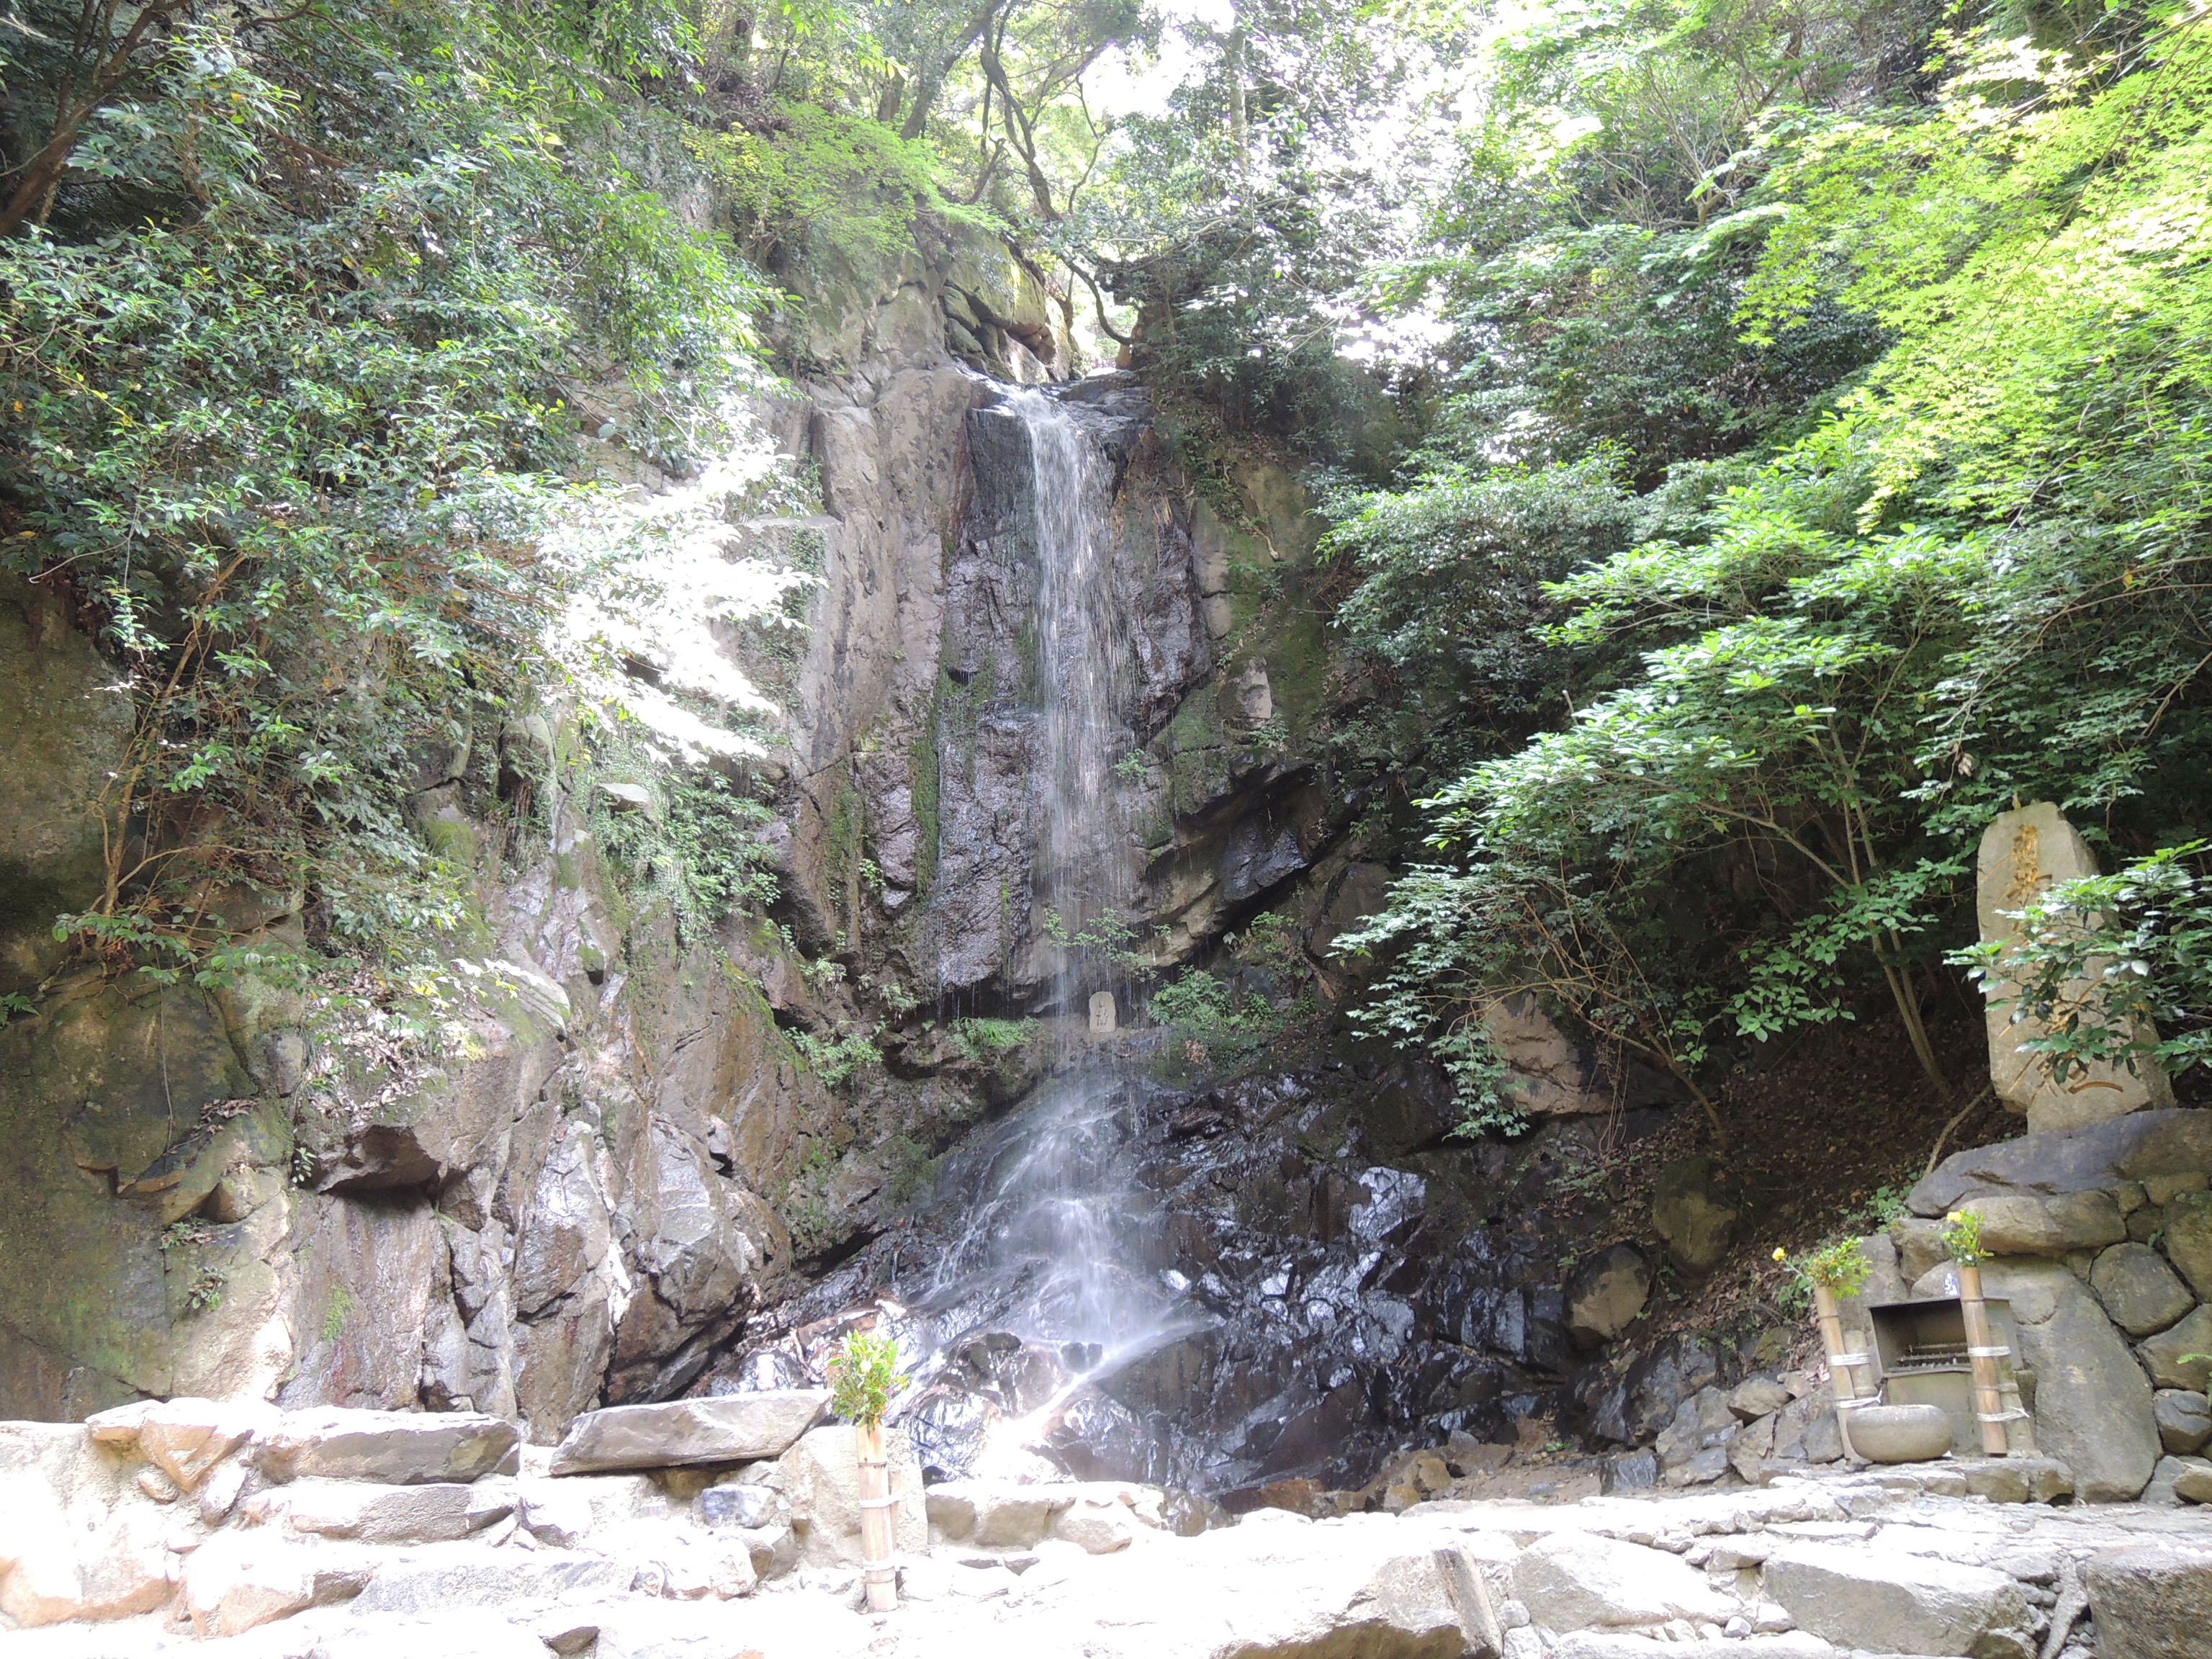 パワースポット【関西】 大自然の癒しならココ!桃尾の滝